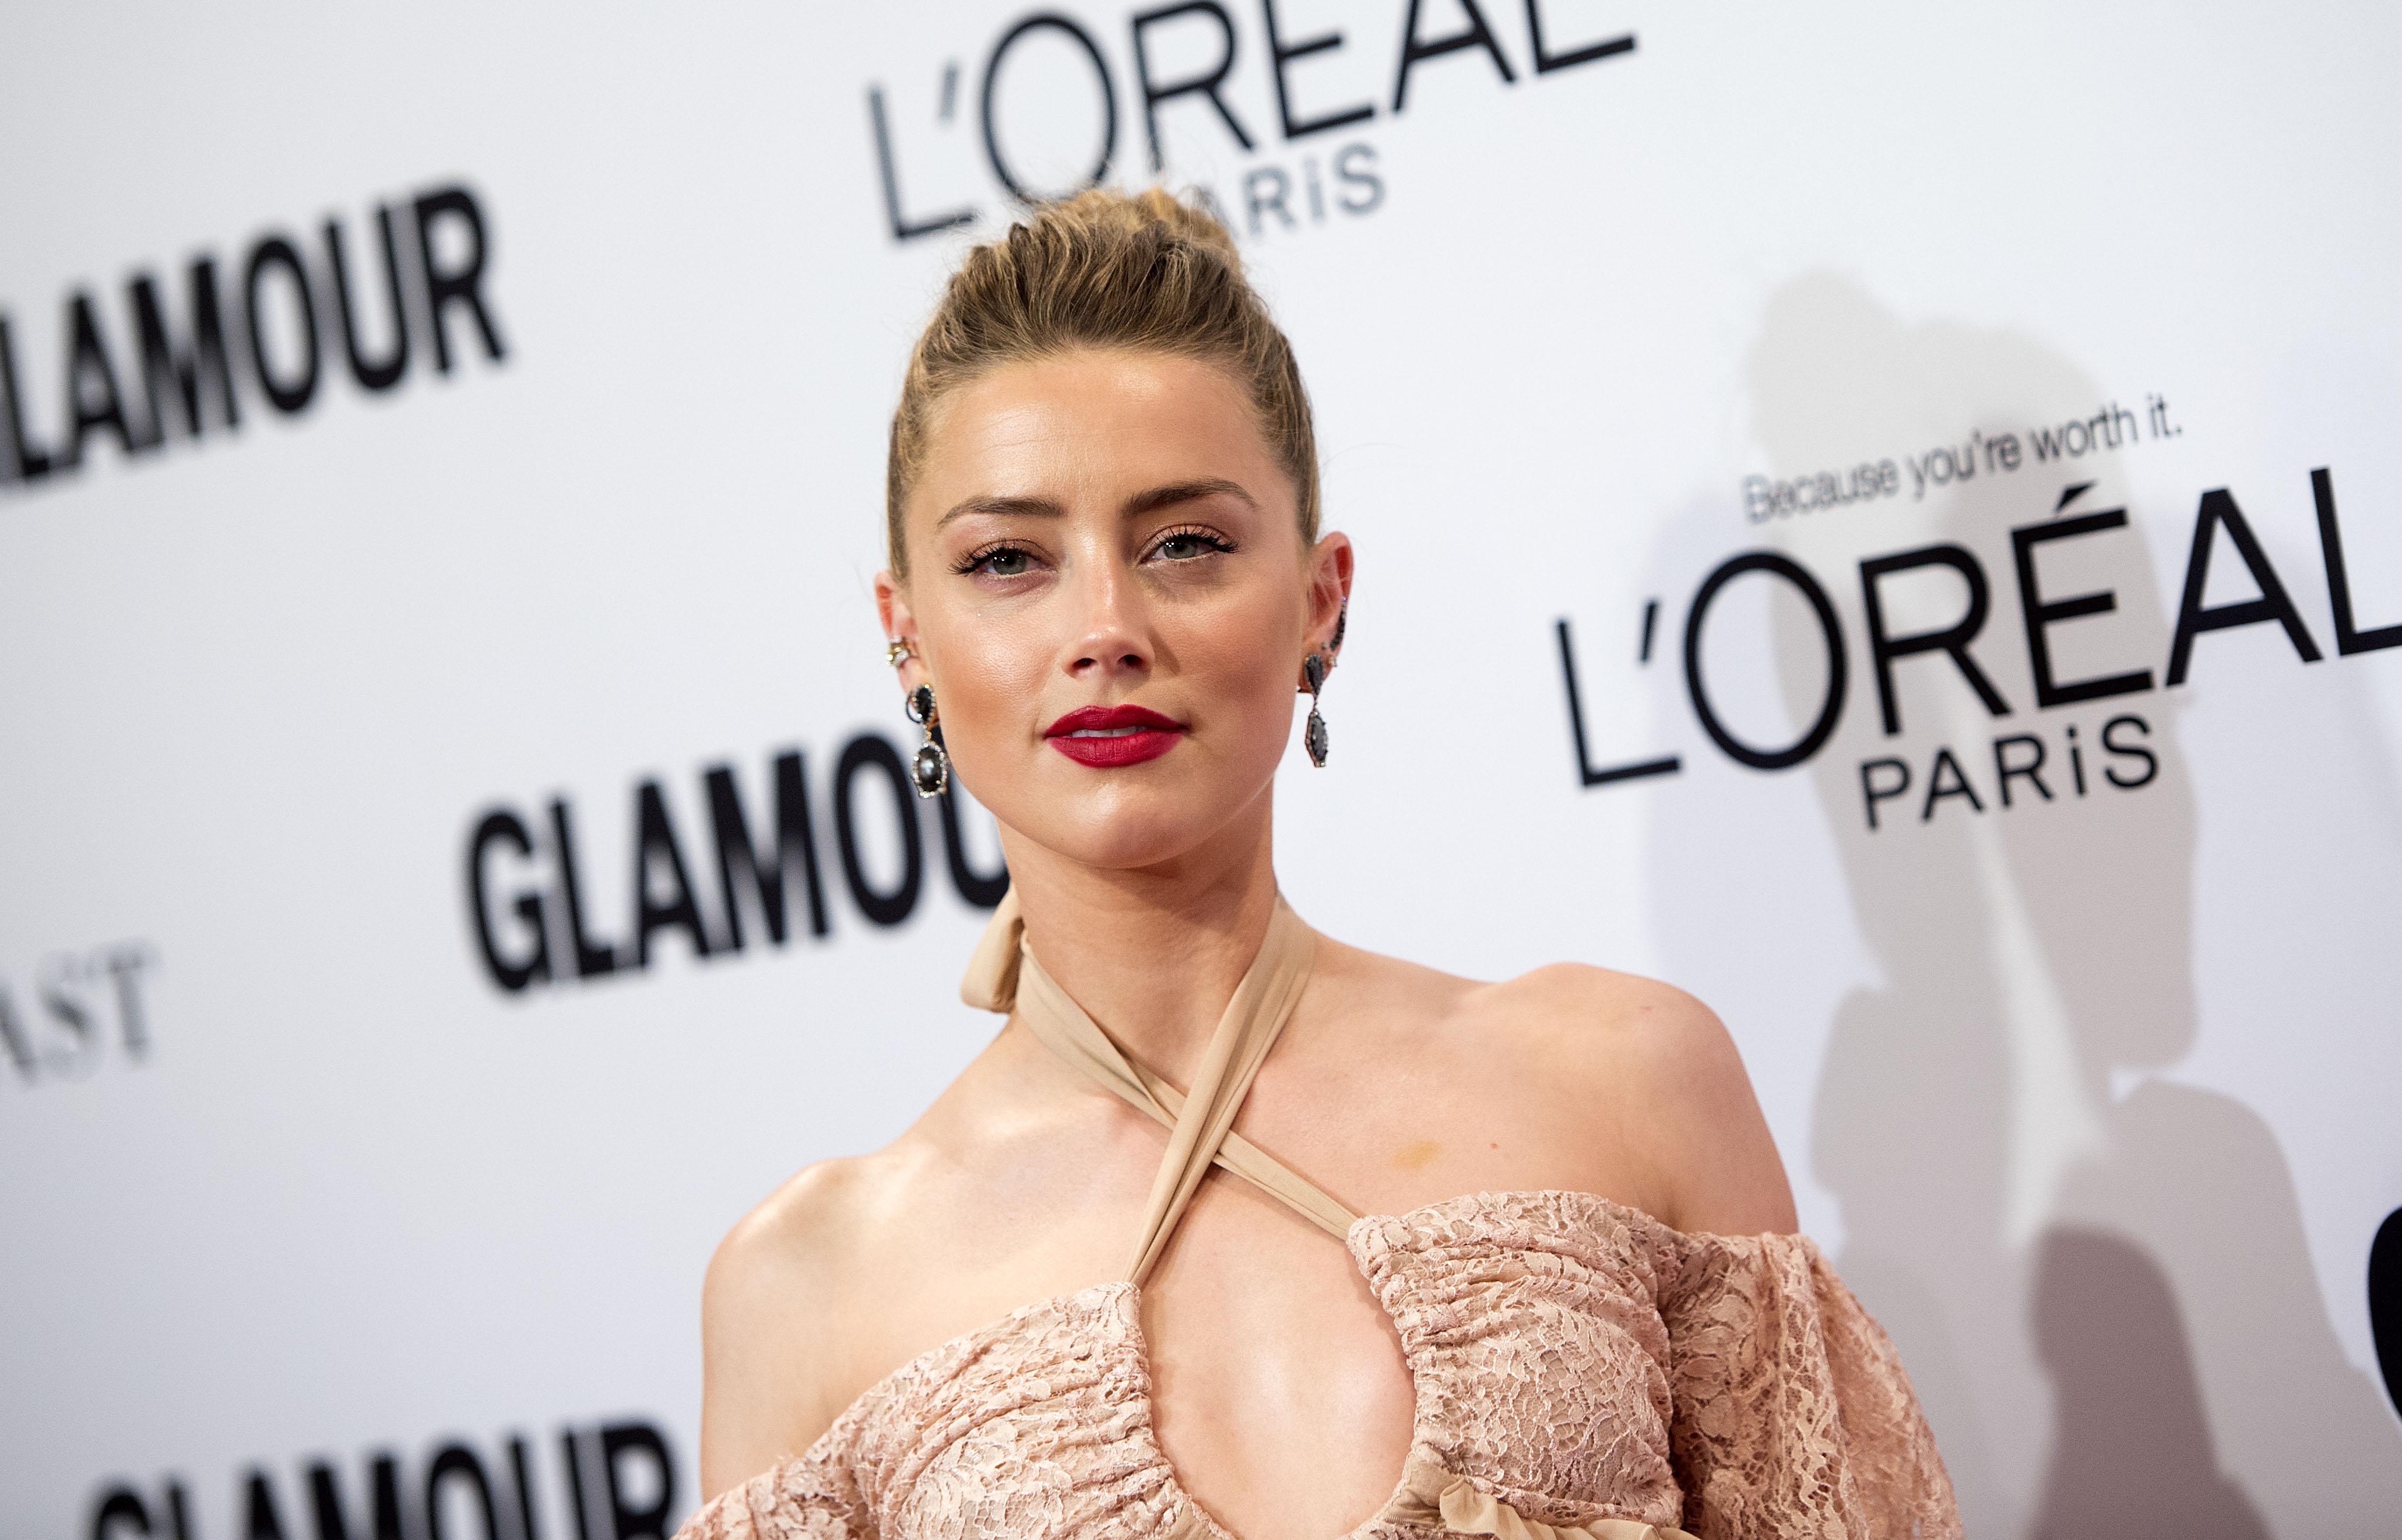 Mooiste vrouwen wetenschap Amber Heard